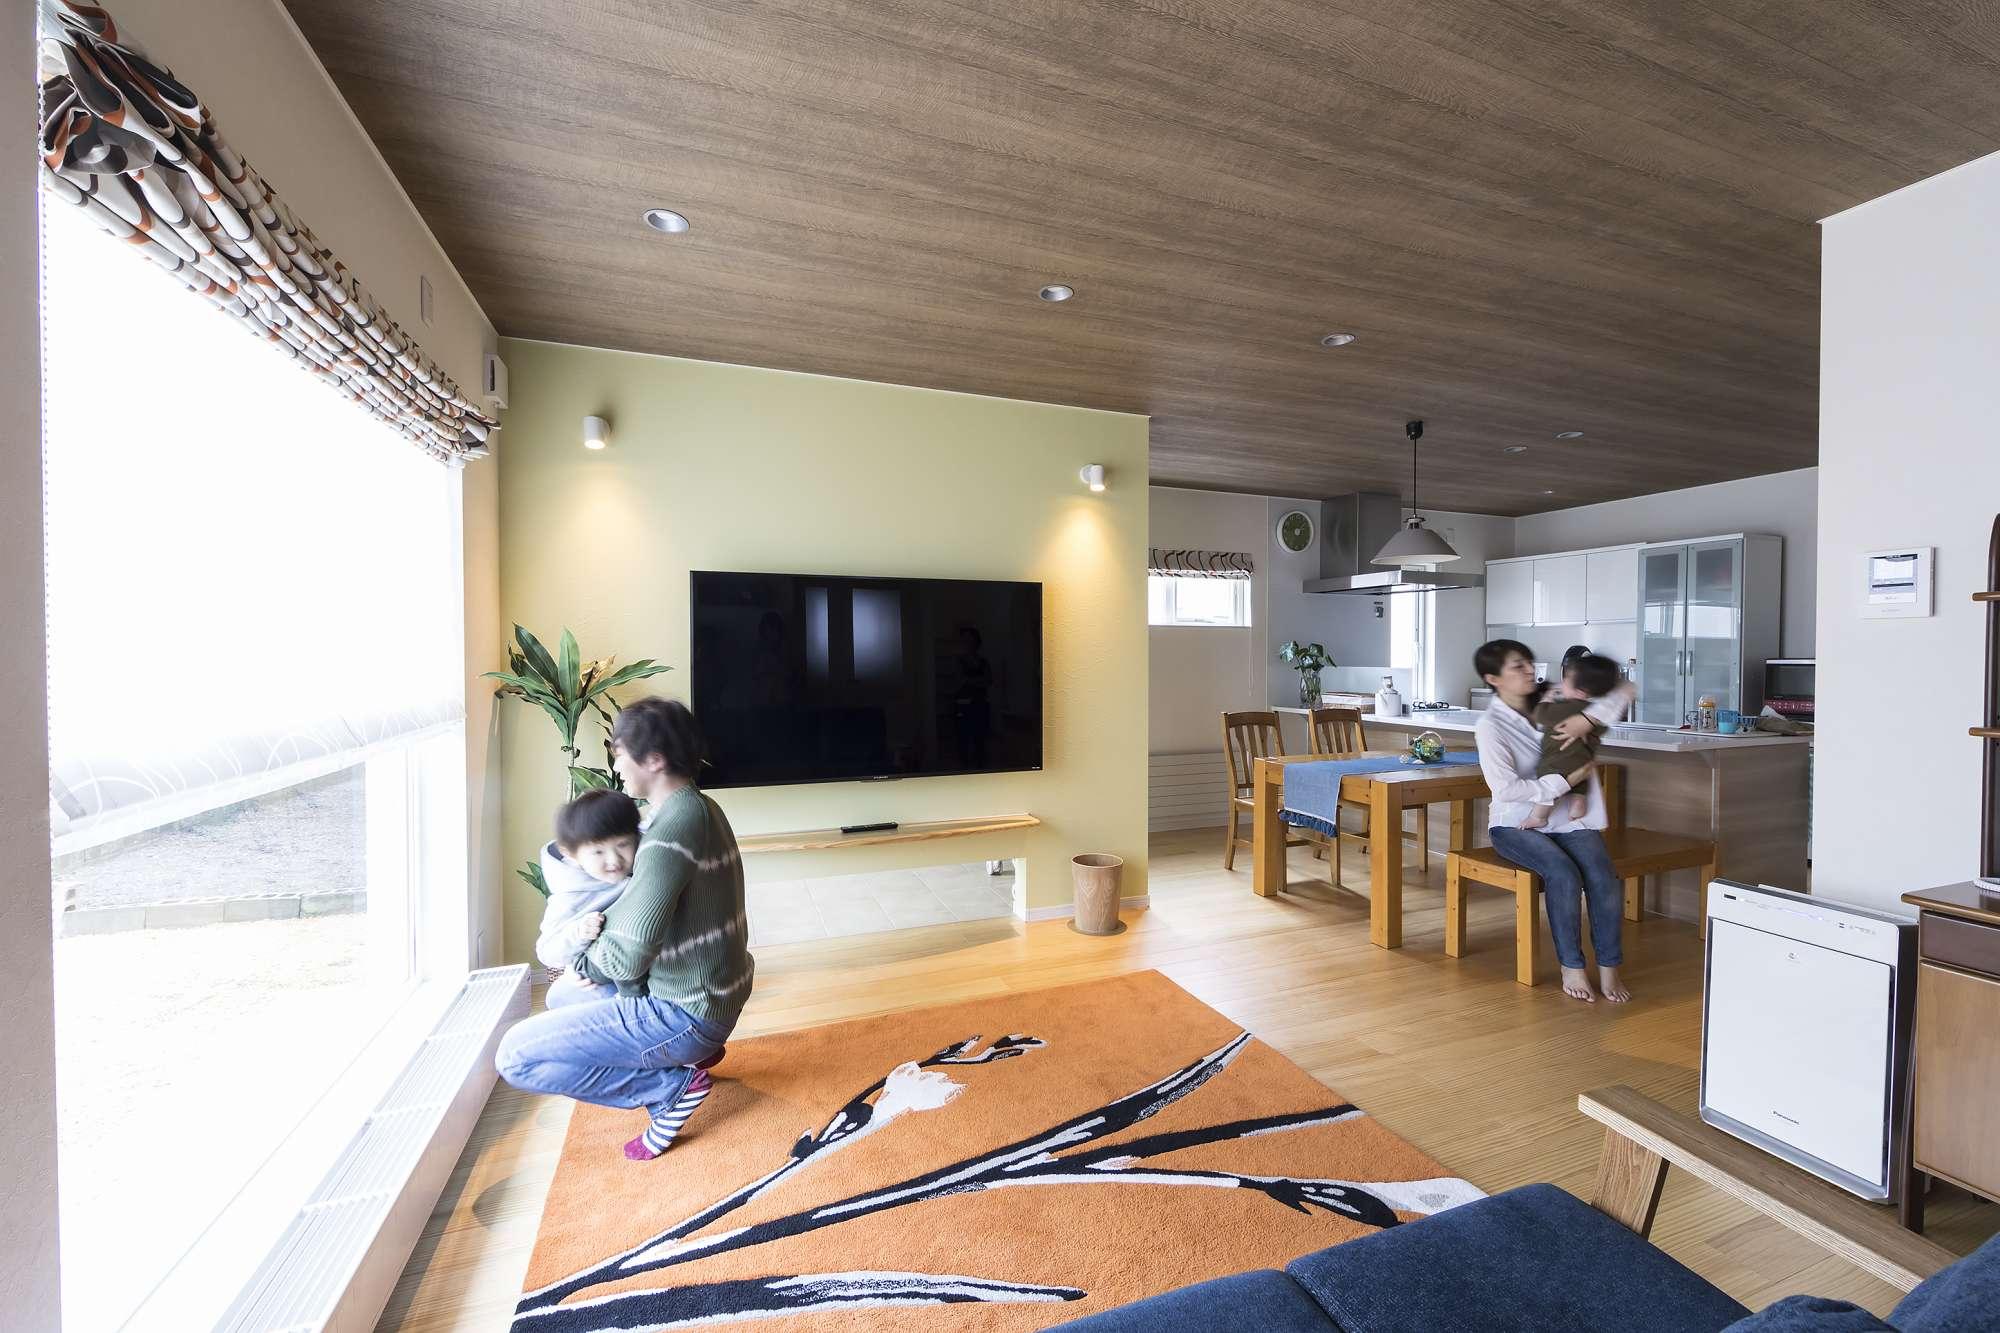 リビング - ムクのフローリングと木調の天井が、優しいナチュラルモダンを演出する室内。 -  -